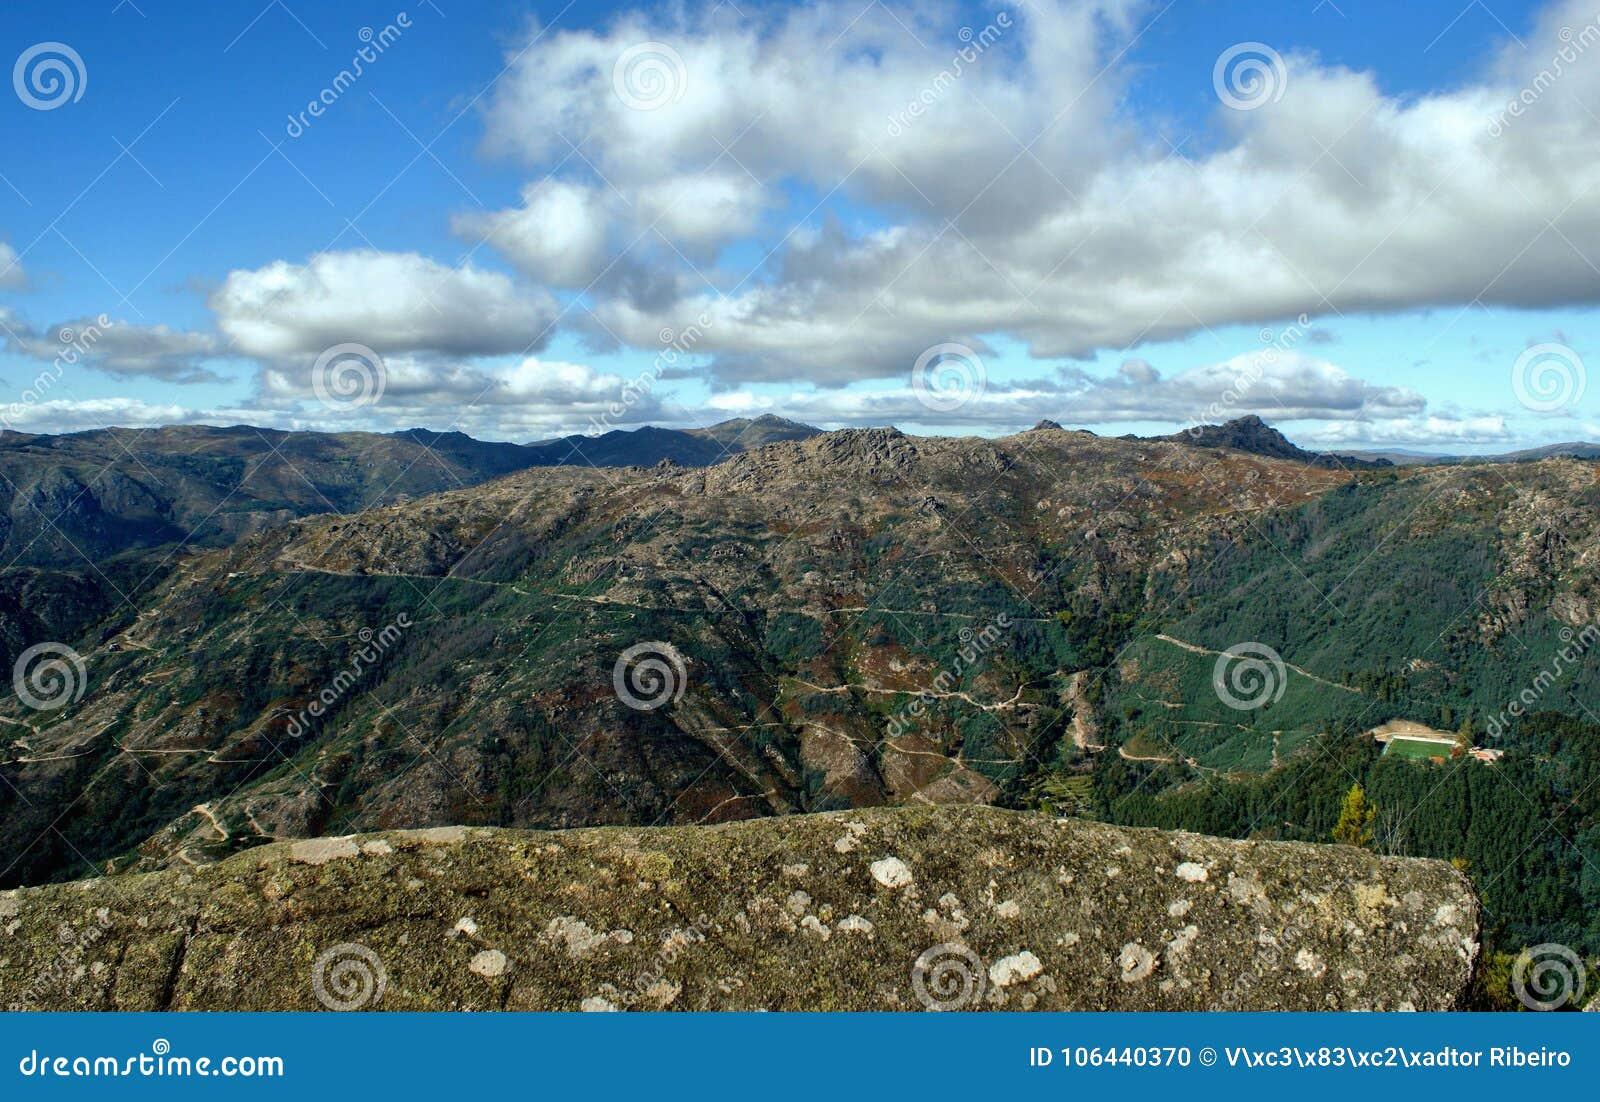 Φυσική άποψη του εθνικού πάρκου Peneda Geres